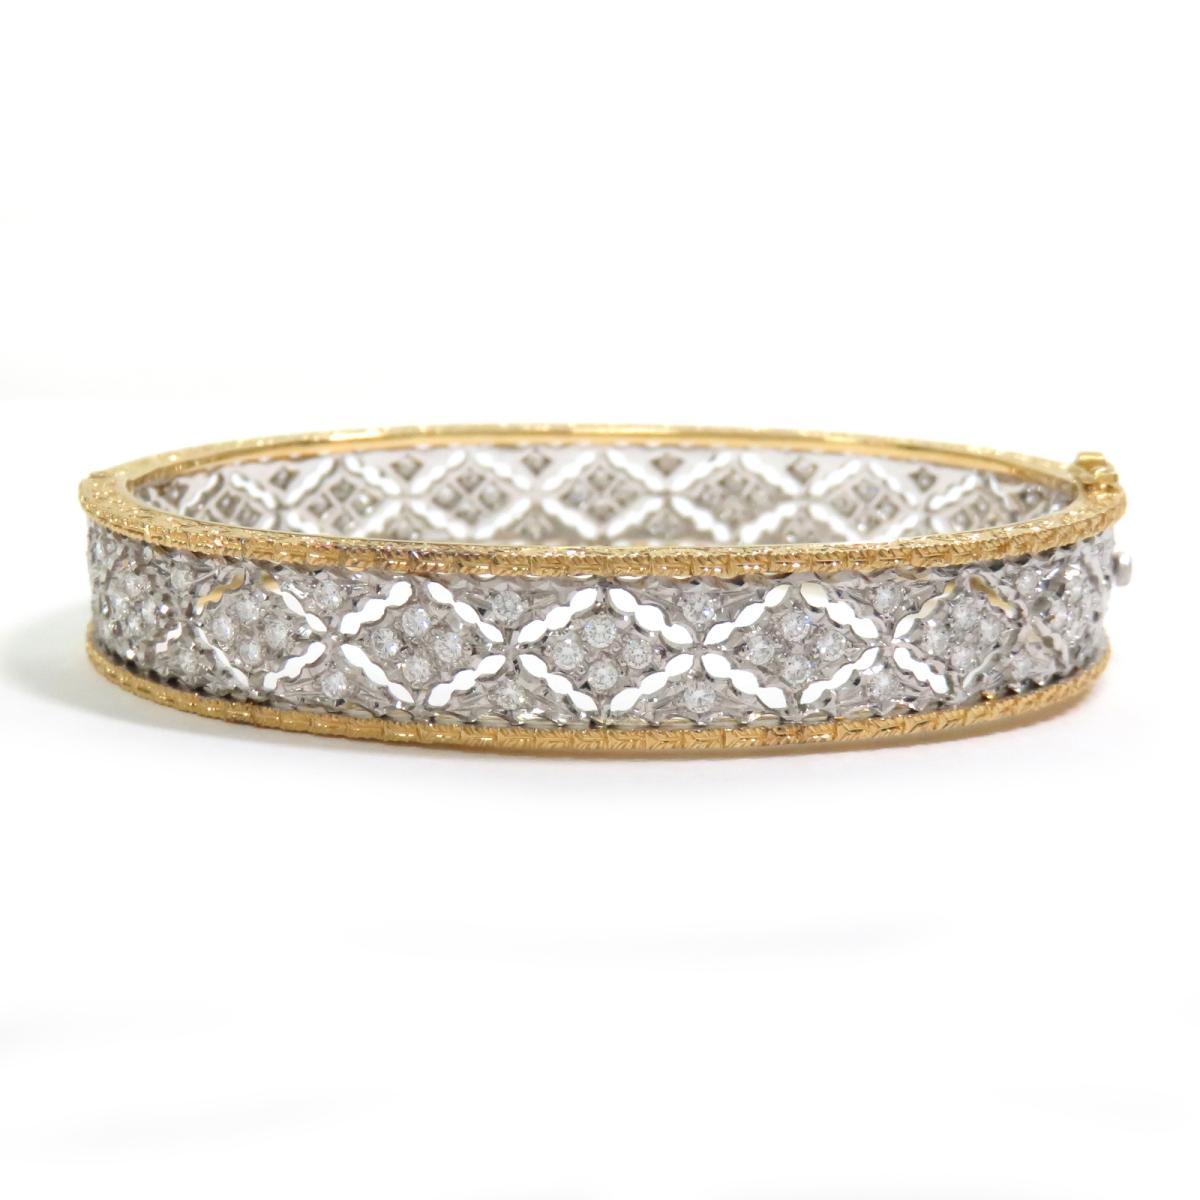 ジュエリー FEDERICO BUCCHLLAT ダイヤモンド バングル ノーブランドジュエリー レディース K18WG (750) ホワイトゴールド | JEWELRY BRANDOFF ブランドオフ アクセサリー ブレスレット 腕輪